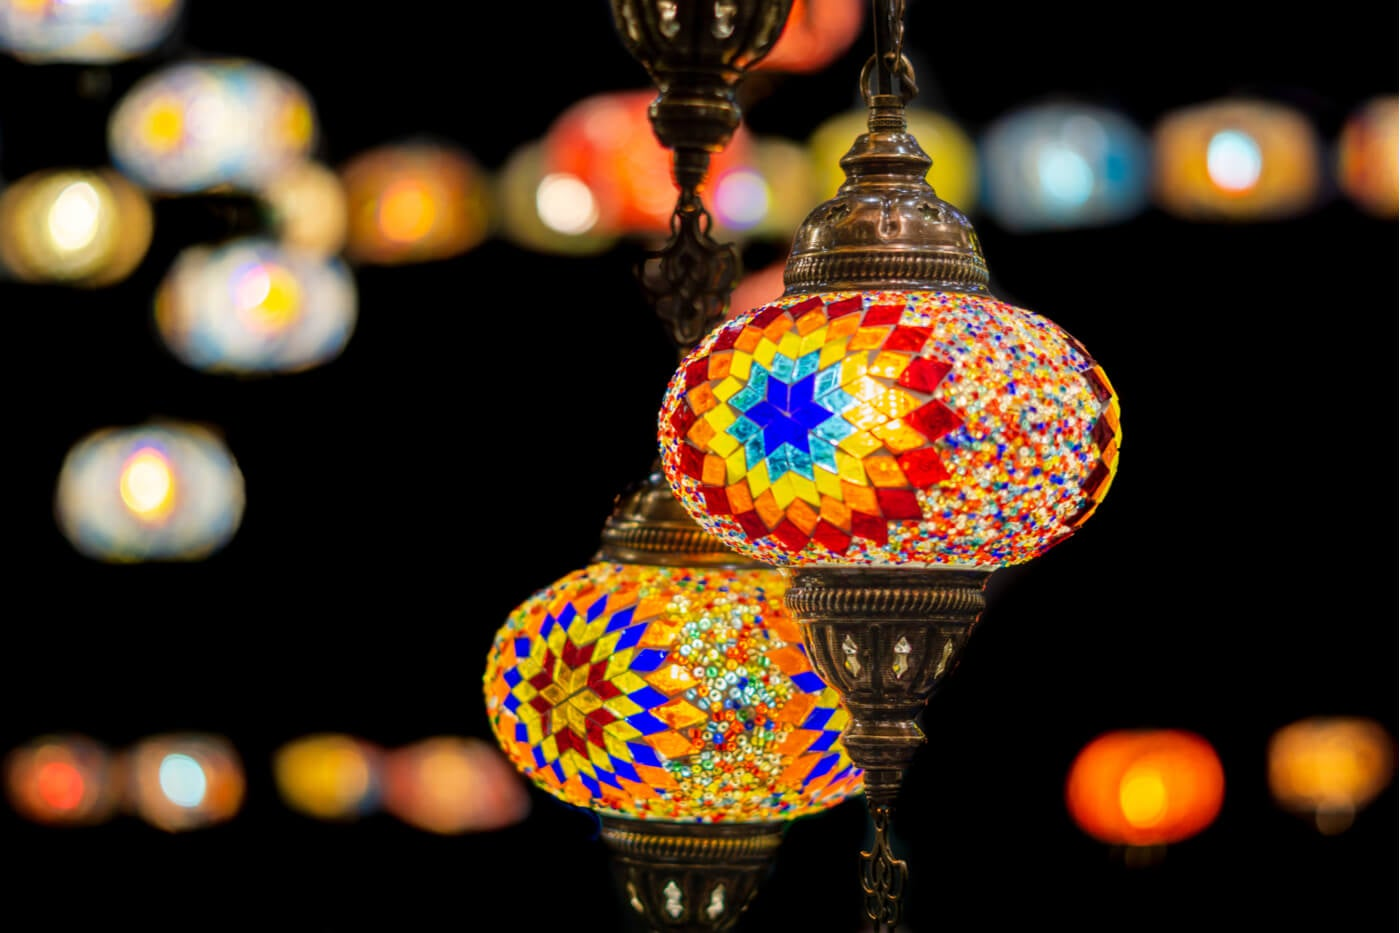 Lámparas colgantes de colores